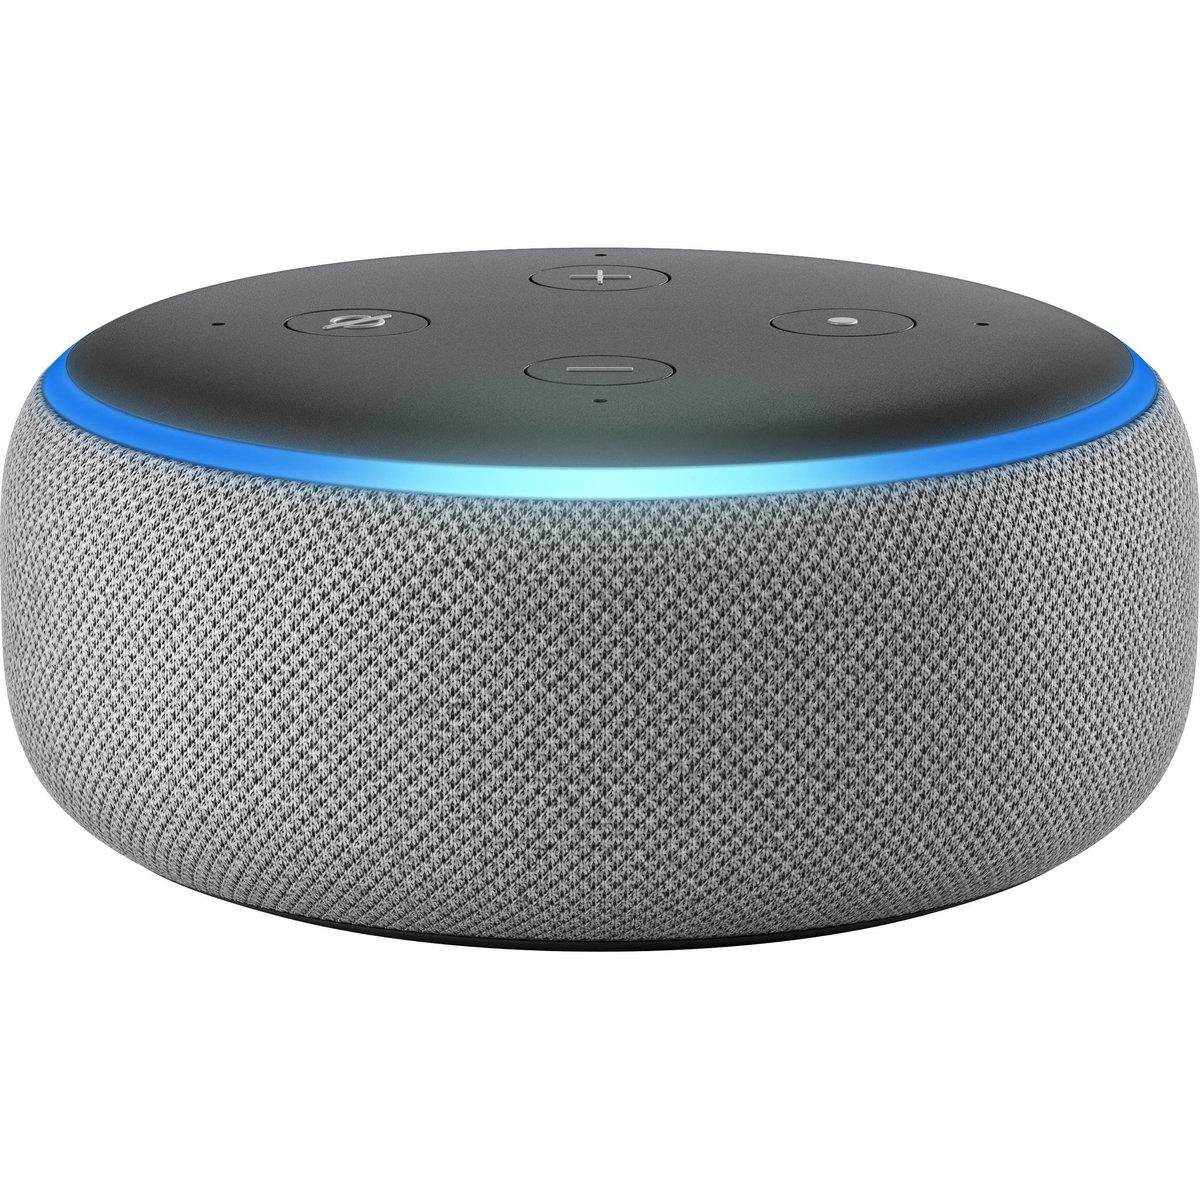 Echo Dot 3代 智能無線喇叭 (內置語音助手) 灰色 - 平行進口